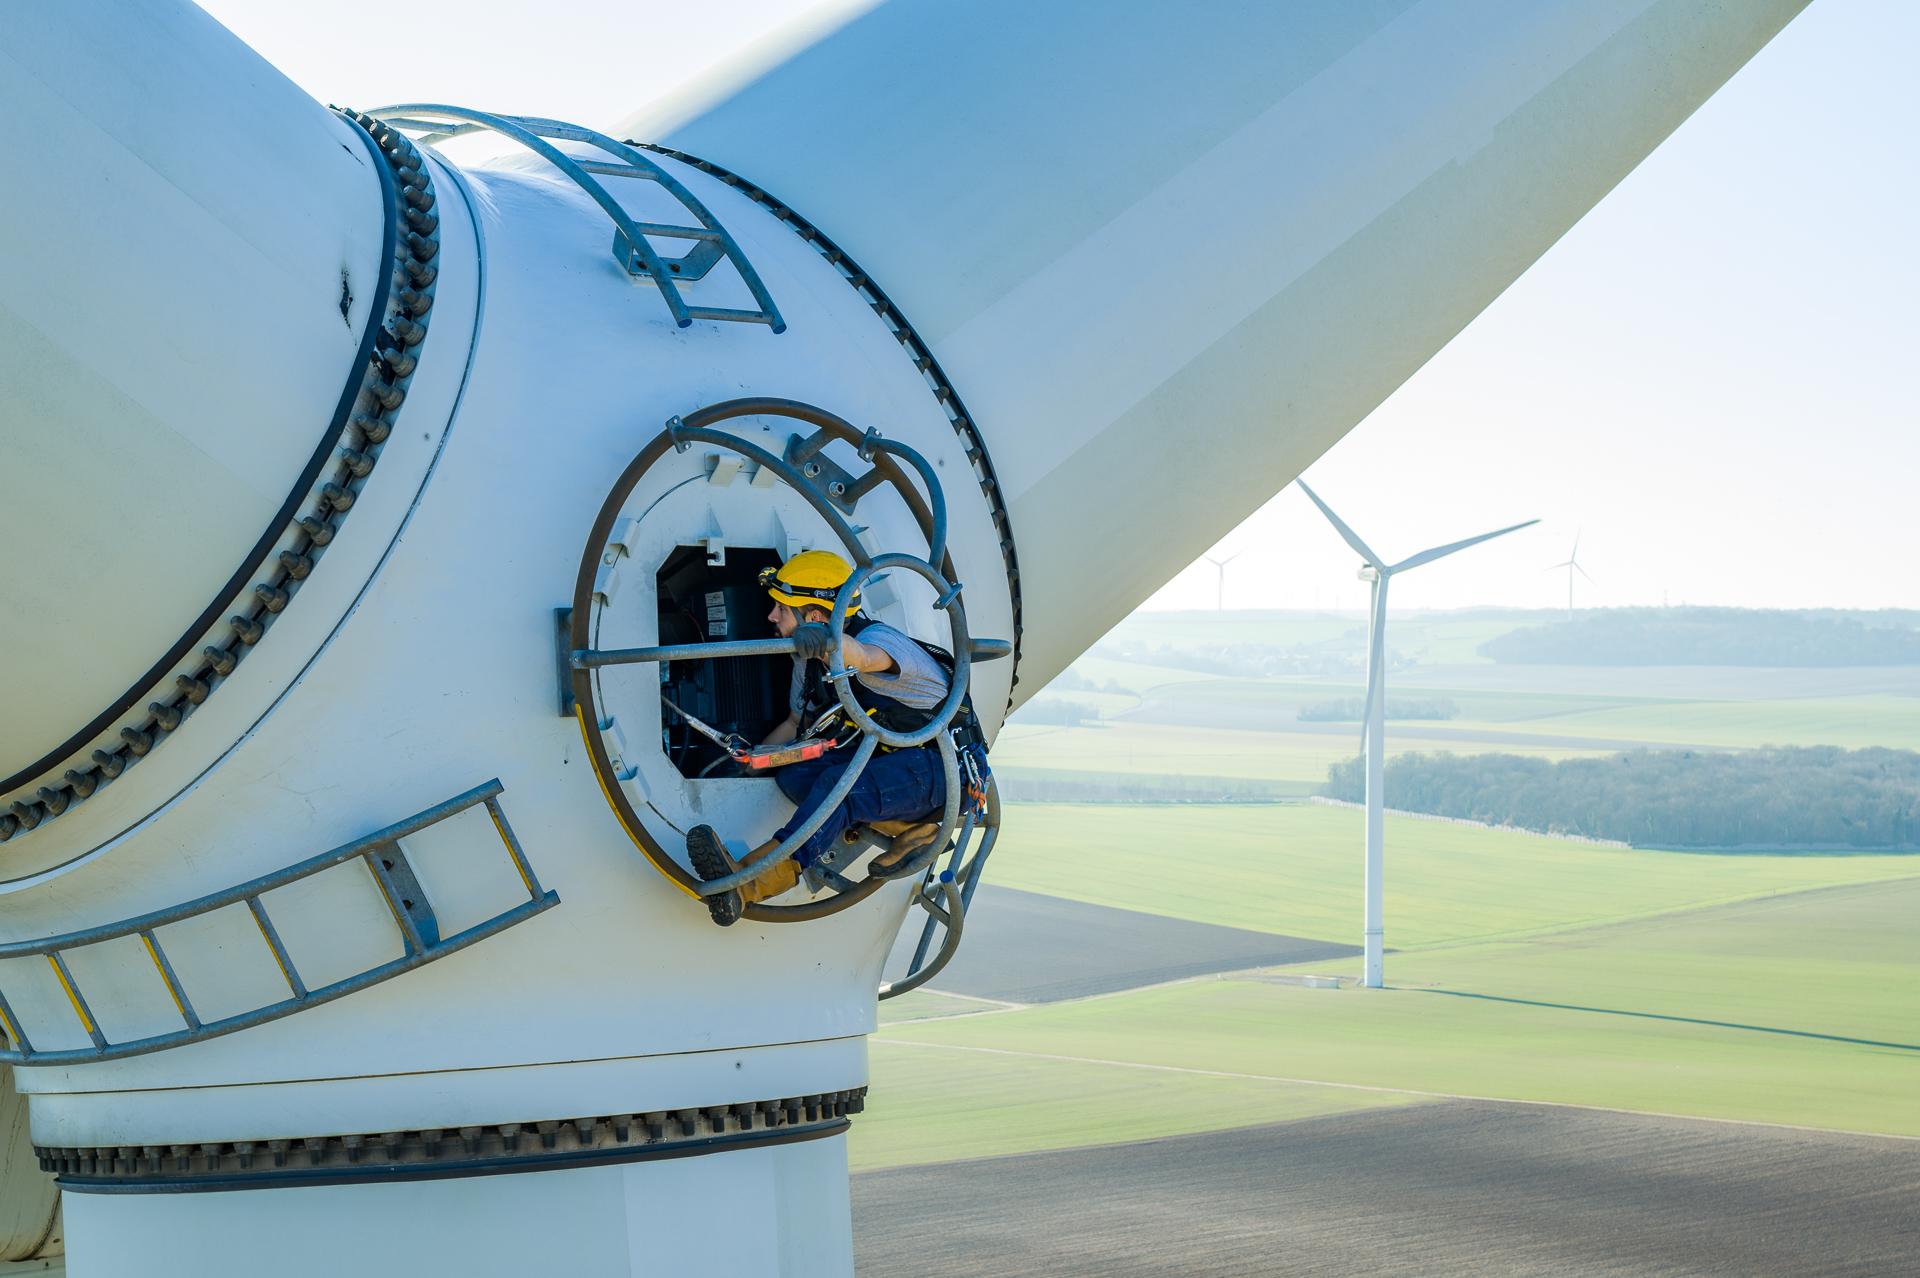 Kallista_Energy_Picardie_Breteuil-0517©Stephane_Leroy.jpg